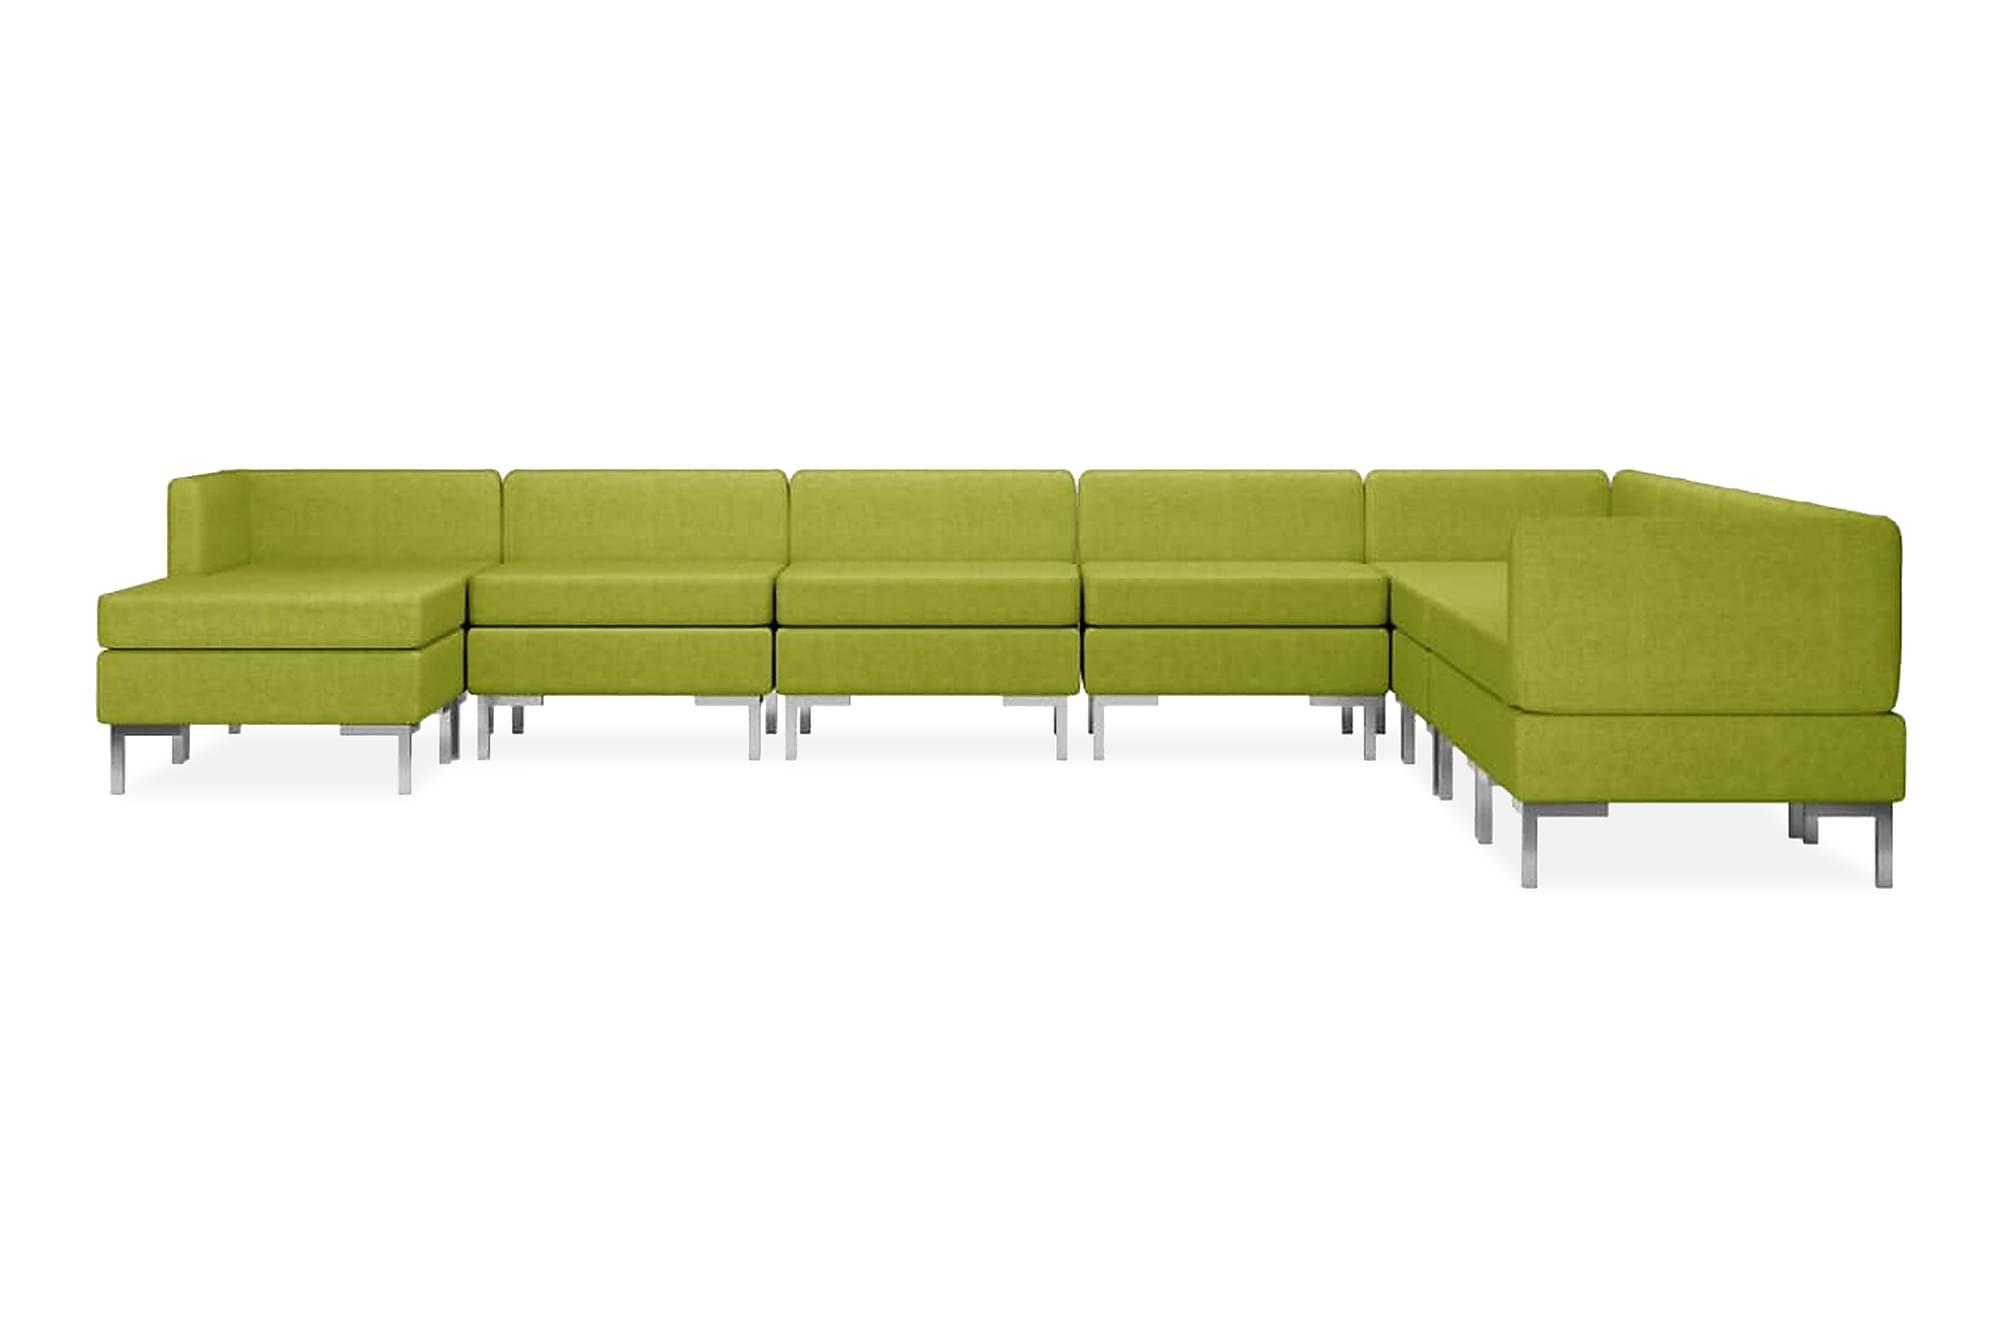 Soffgrupp tyg 9 delar grön